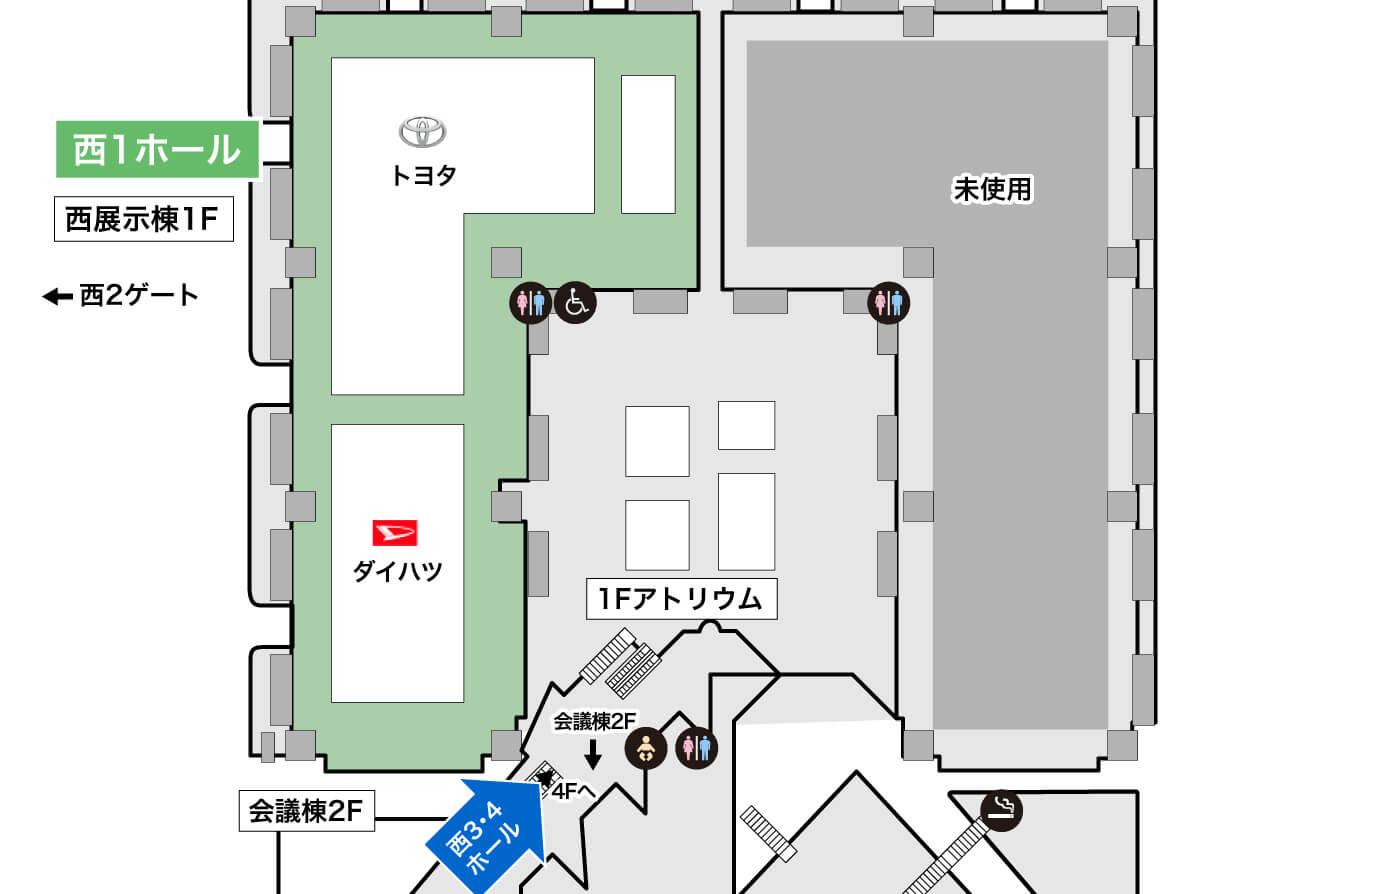 西1ホール詳細マップ